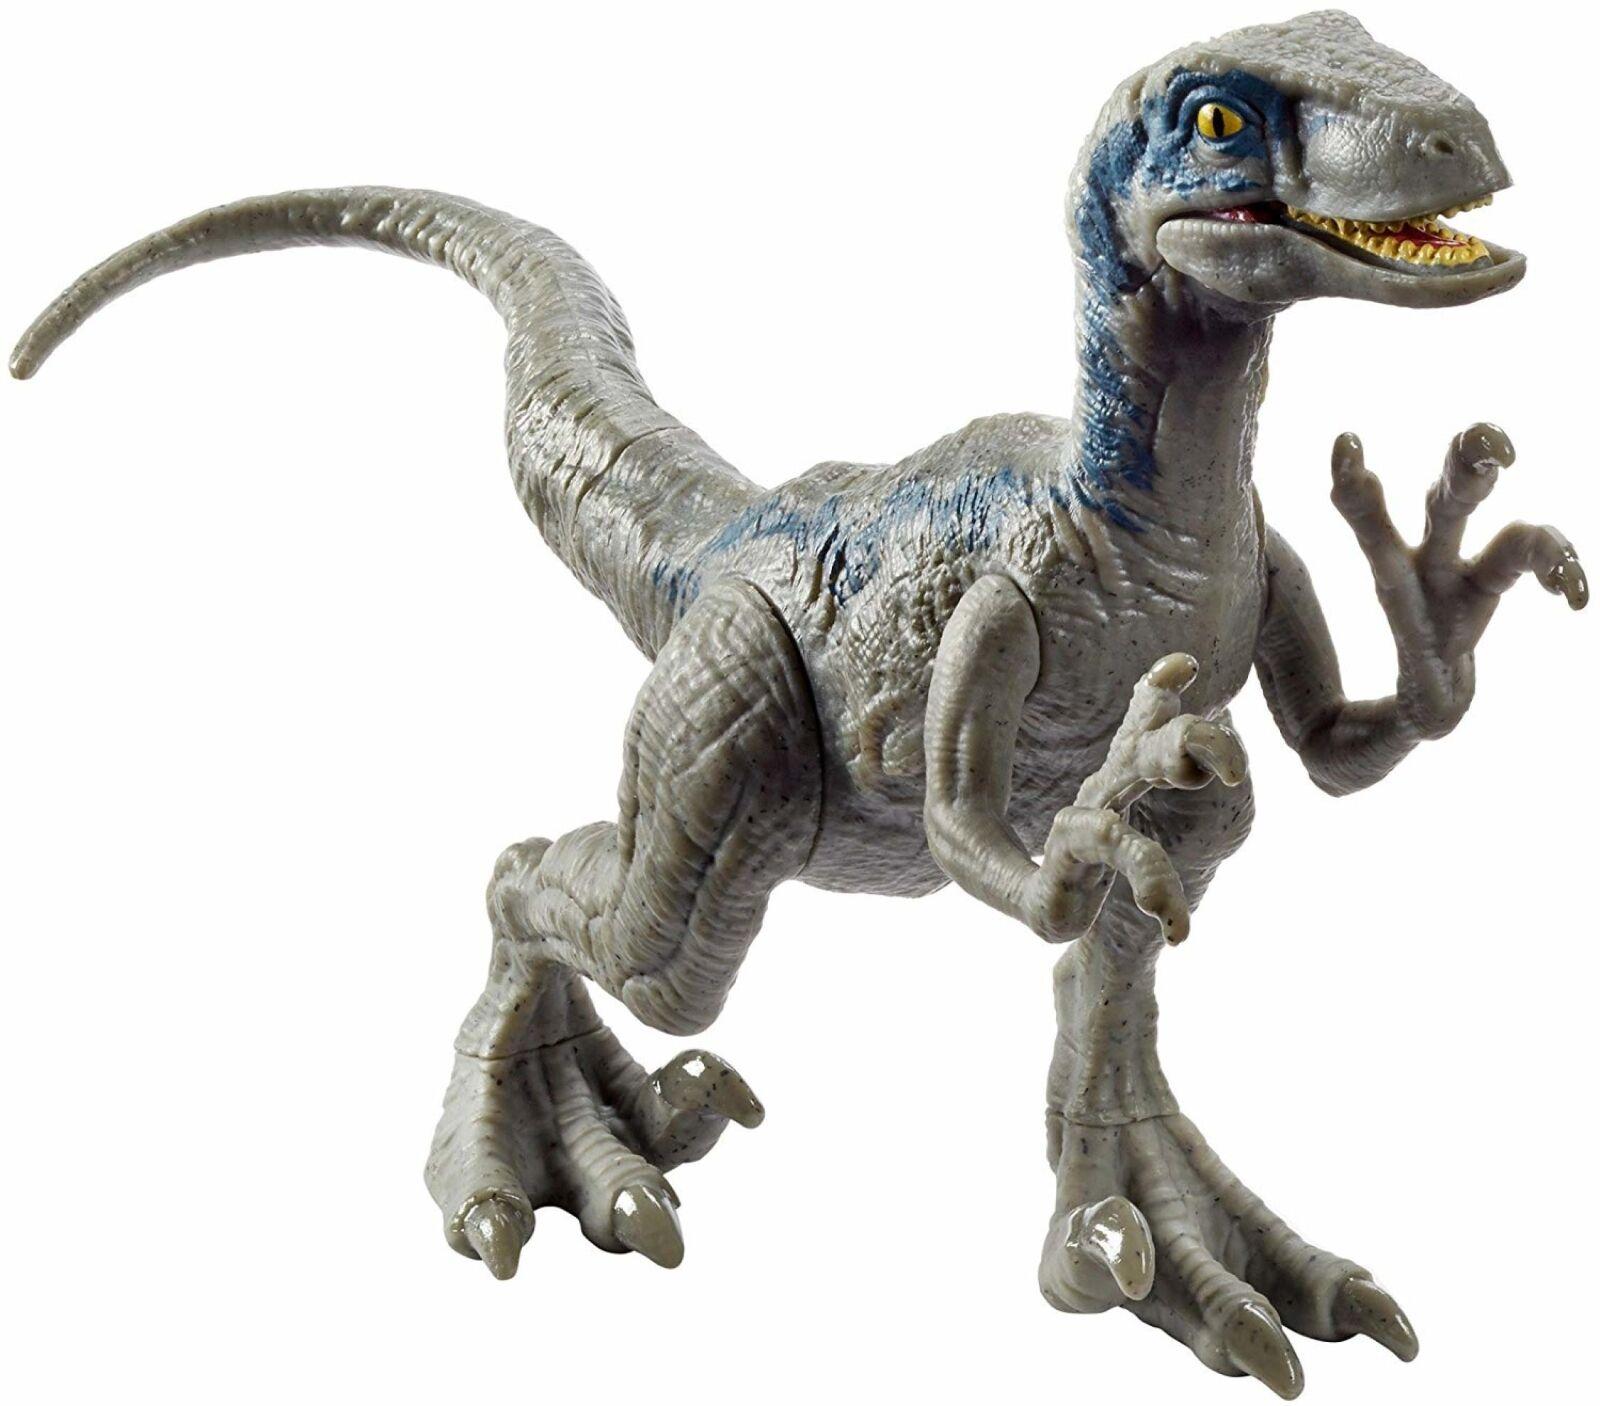 Jurassic World Velociraptor Blau Dinosaur Toy Attack Pack Figure Fallen Kingdom